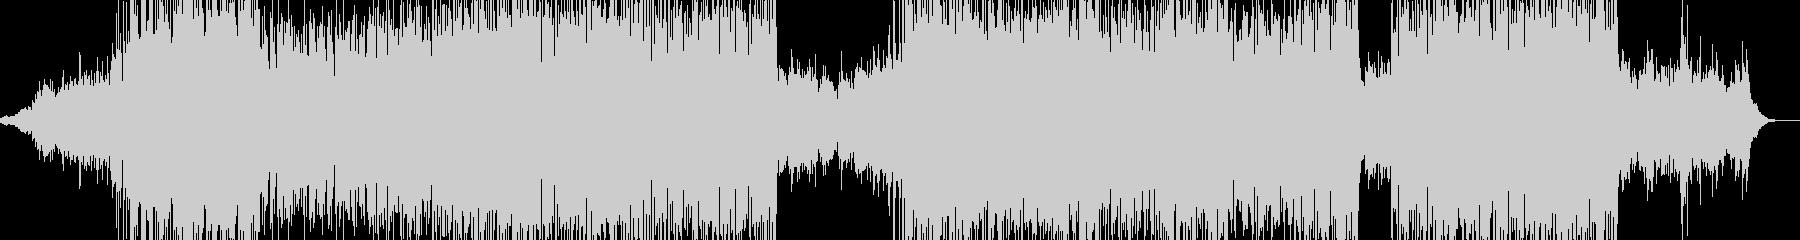 森林浴イメージの3拍子ドラムンベースの未再生の波形